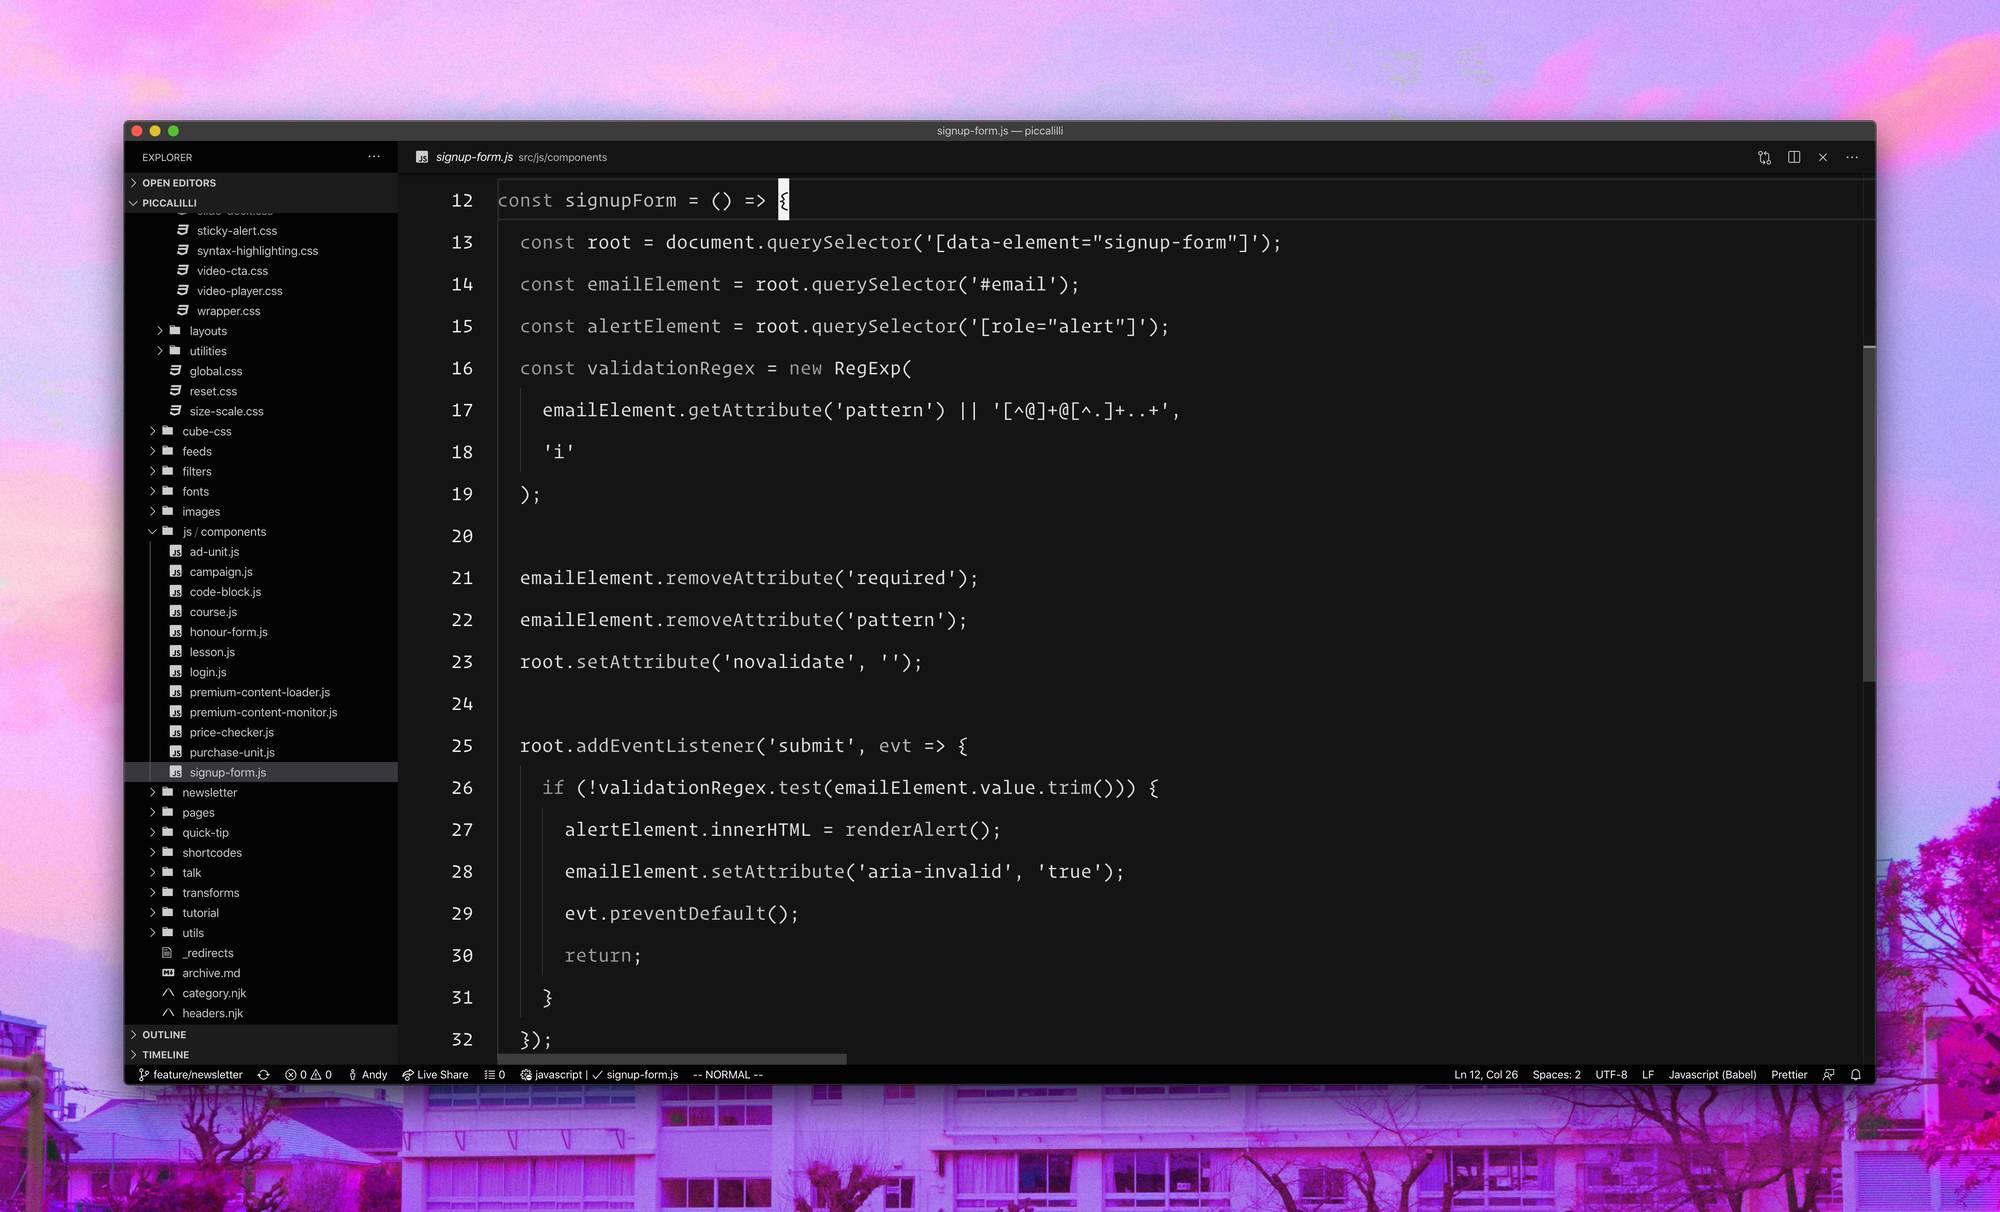 JS code in VS Code